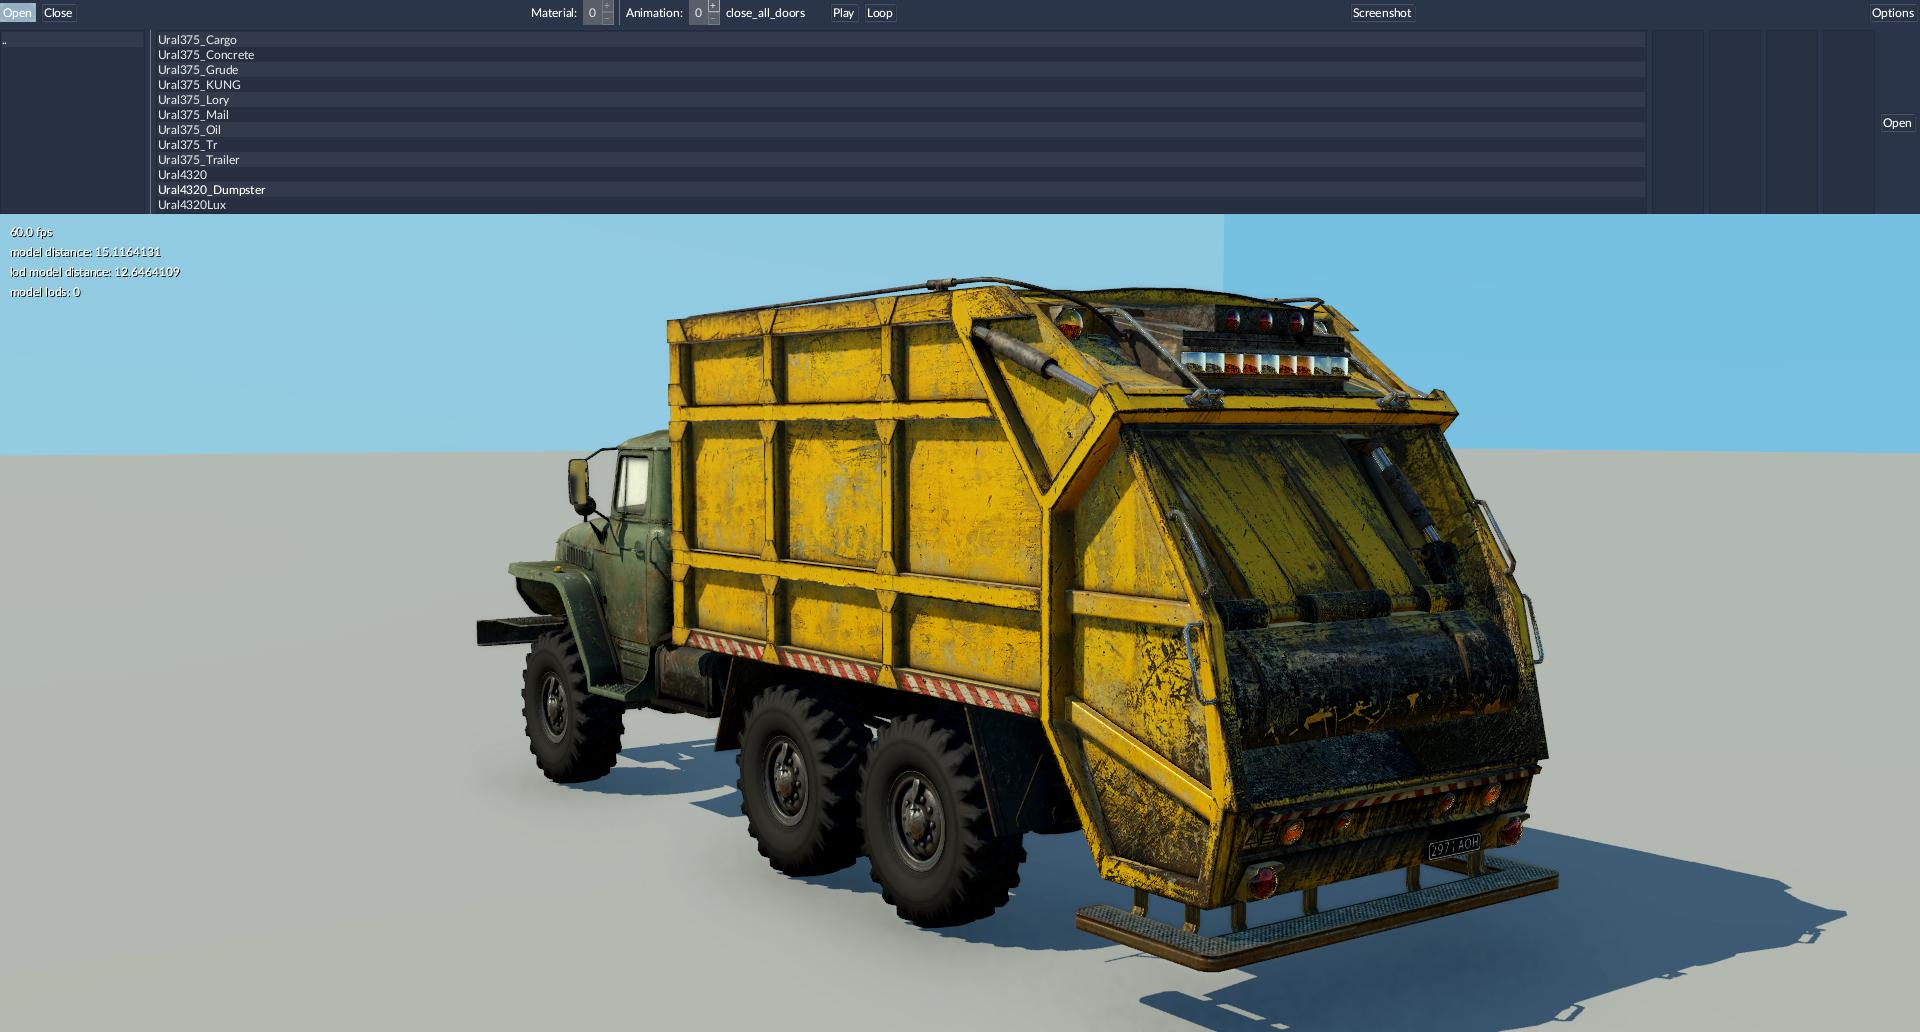 Ural4320_Dumpster.jpg